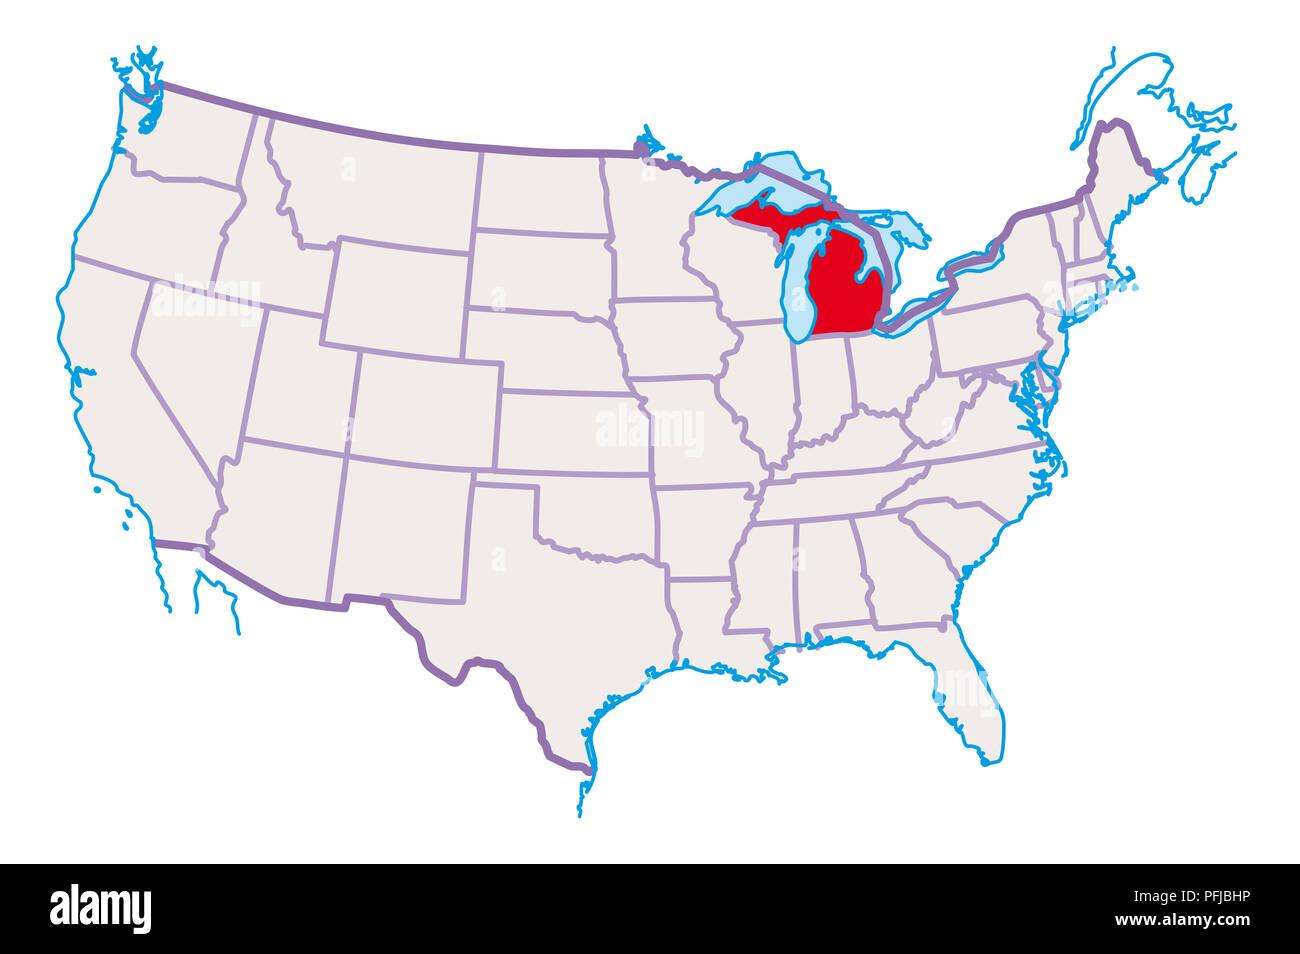 Karte Von Usa Michigan In Rot Hervorgehoben Stockfoto Bild